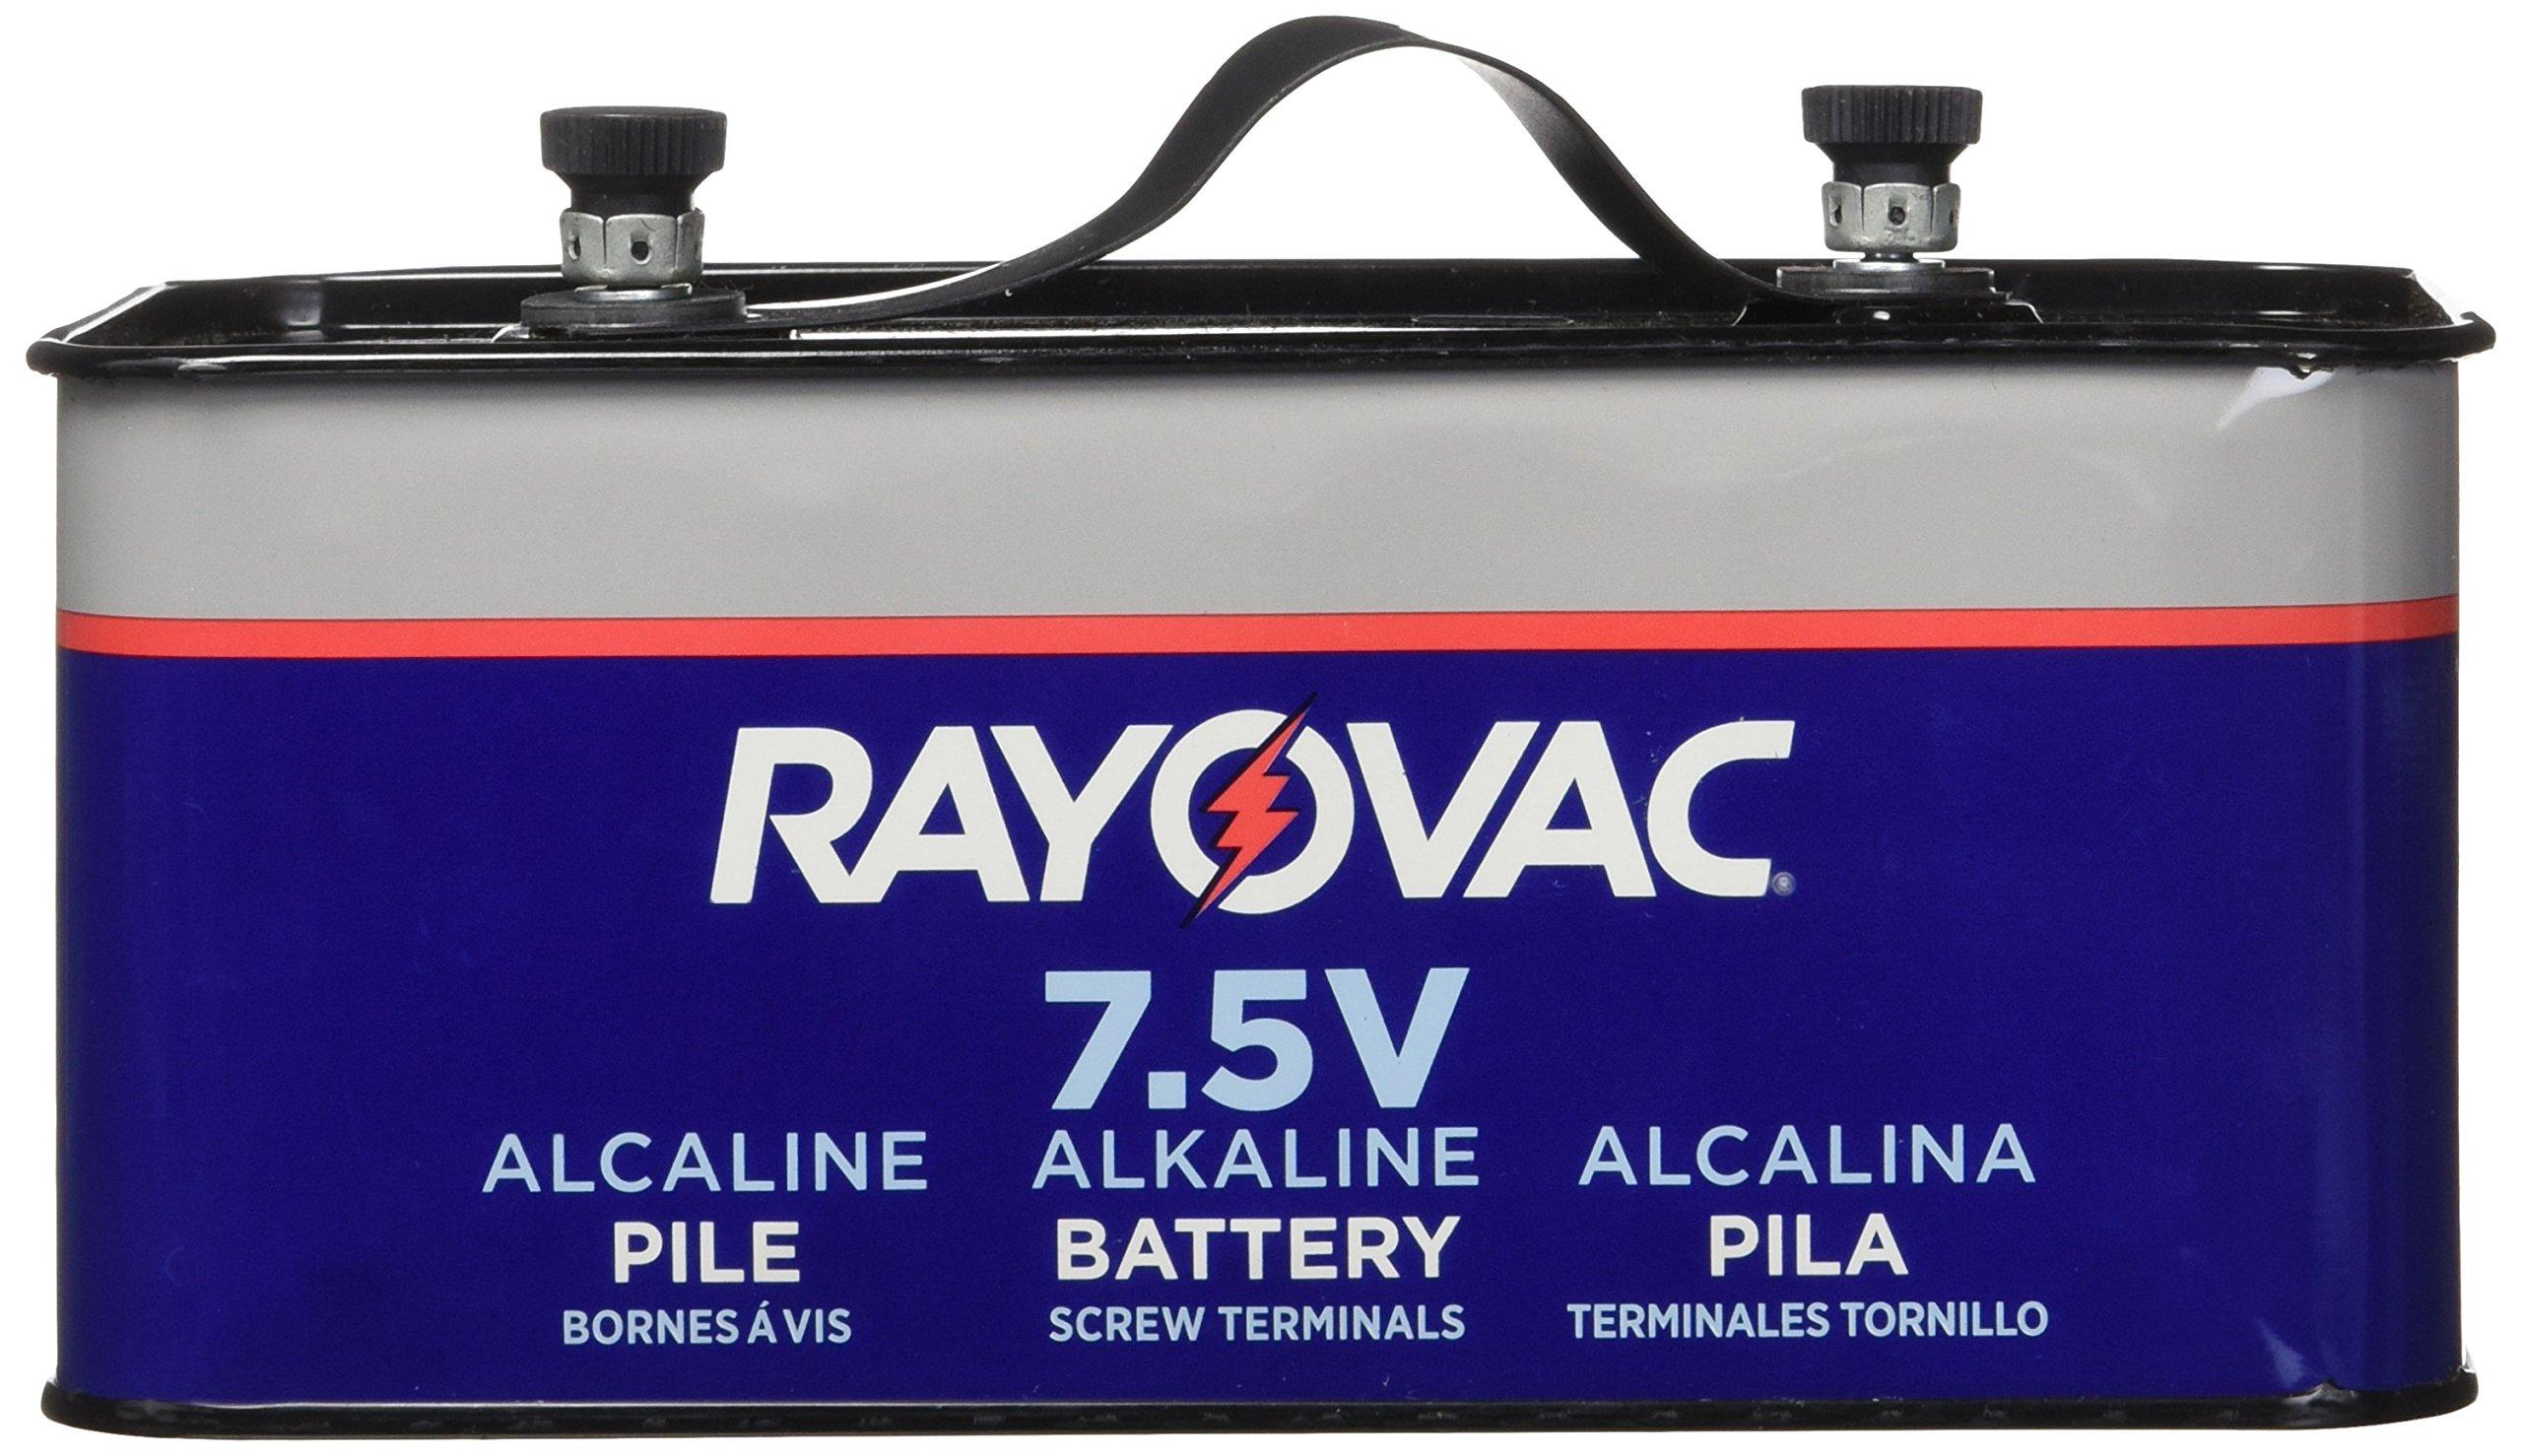 RAYOVAC Lantern Battery, 7.5 Volt Screw Terminals, Alkaline Emergency, 803C